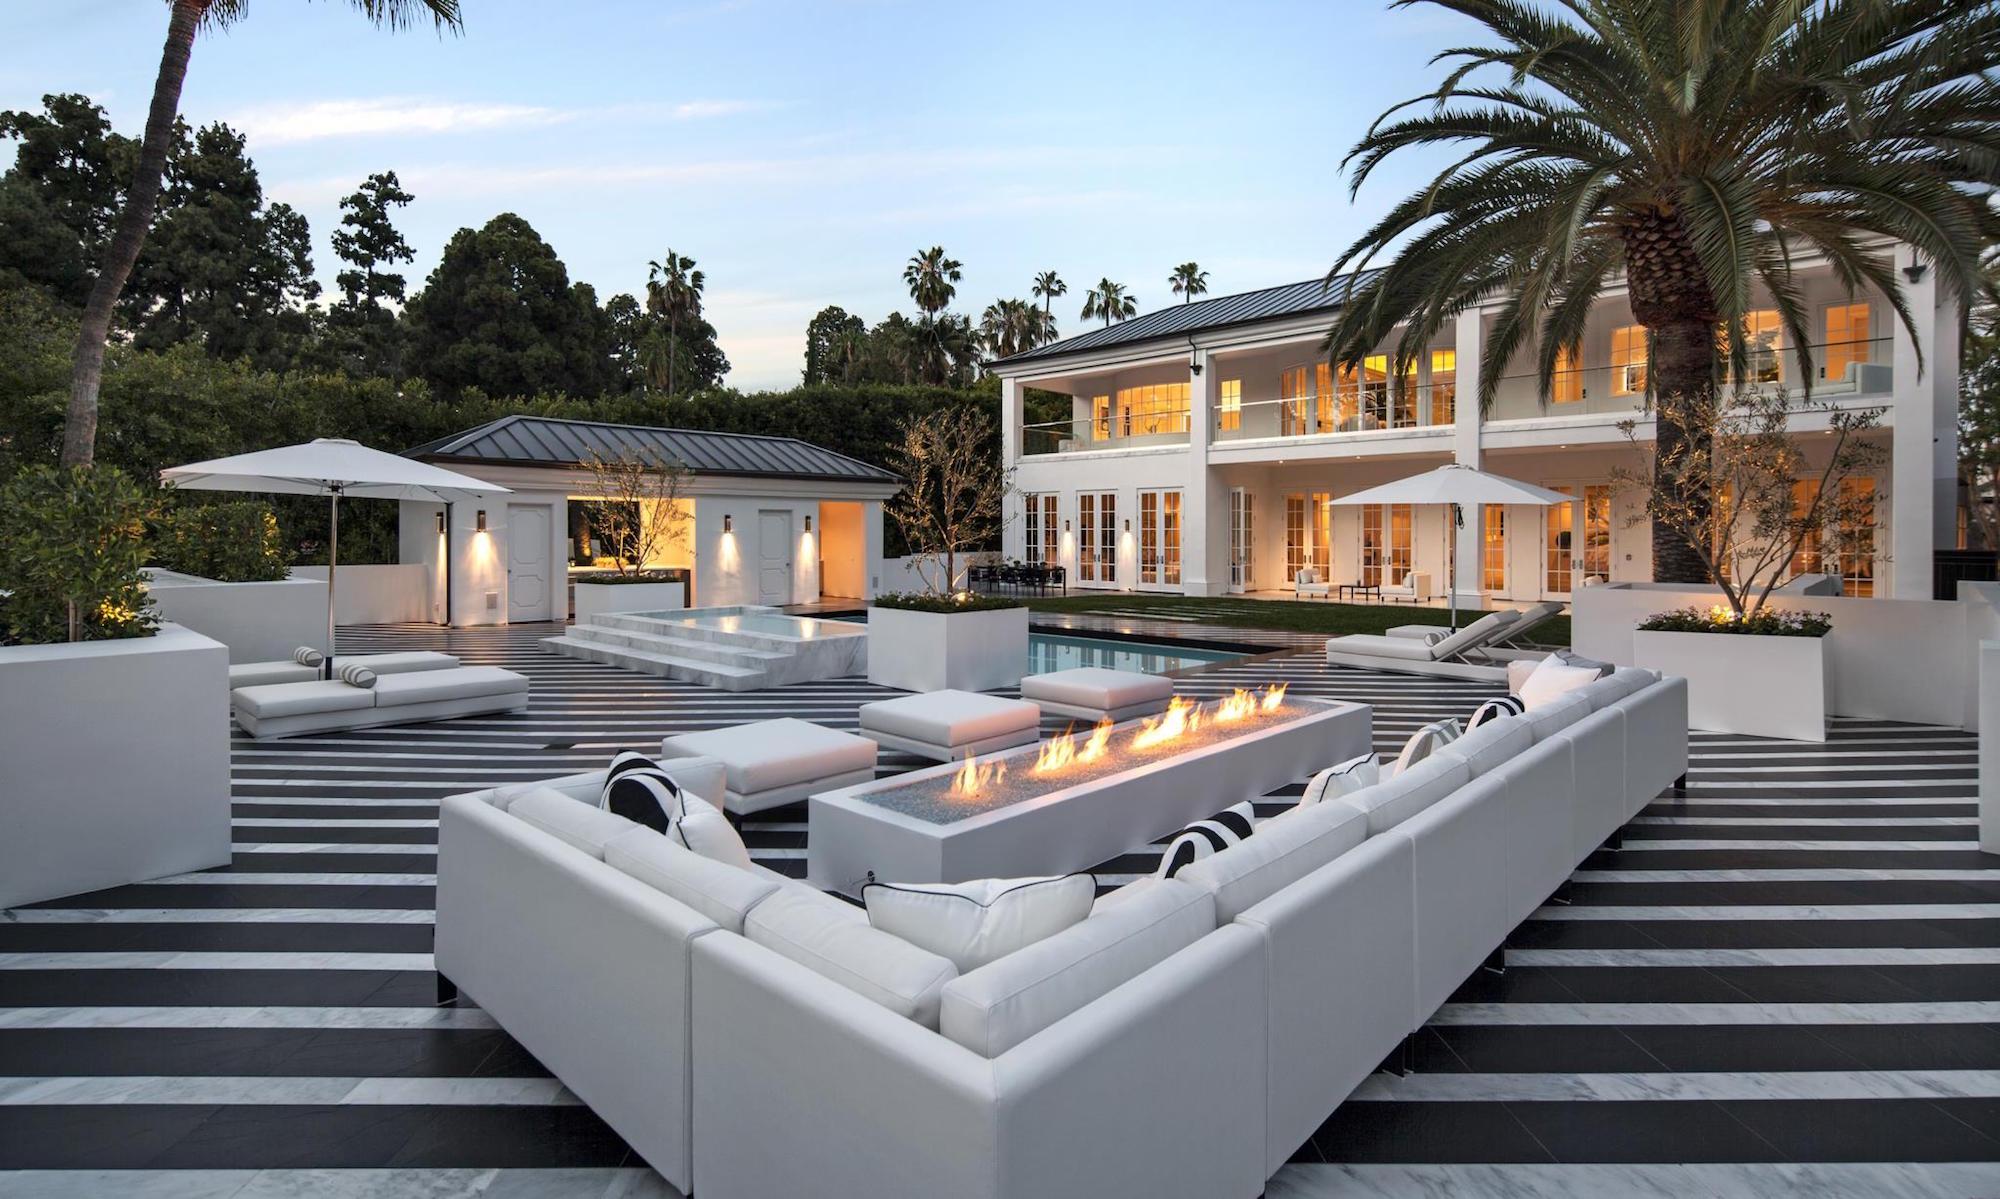 Das Beste für den Champ: Floyd Mayweather kauft Anwesen in Beverly Hills 1